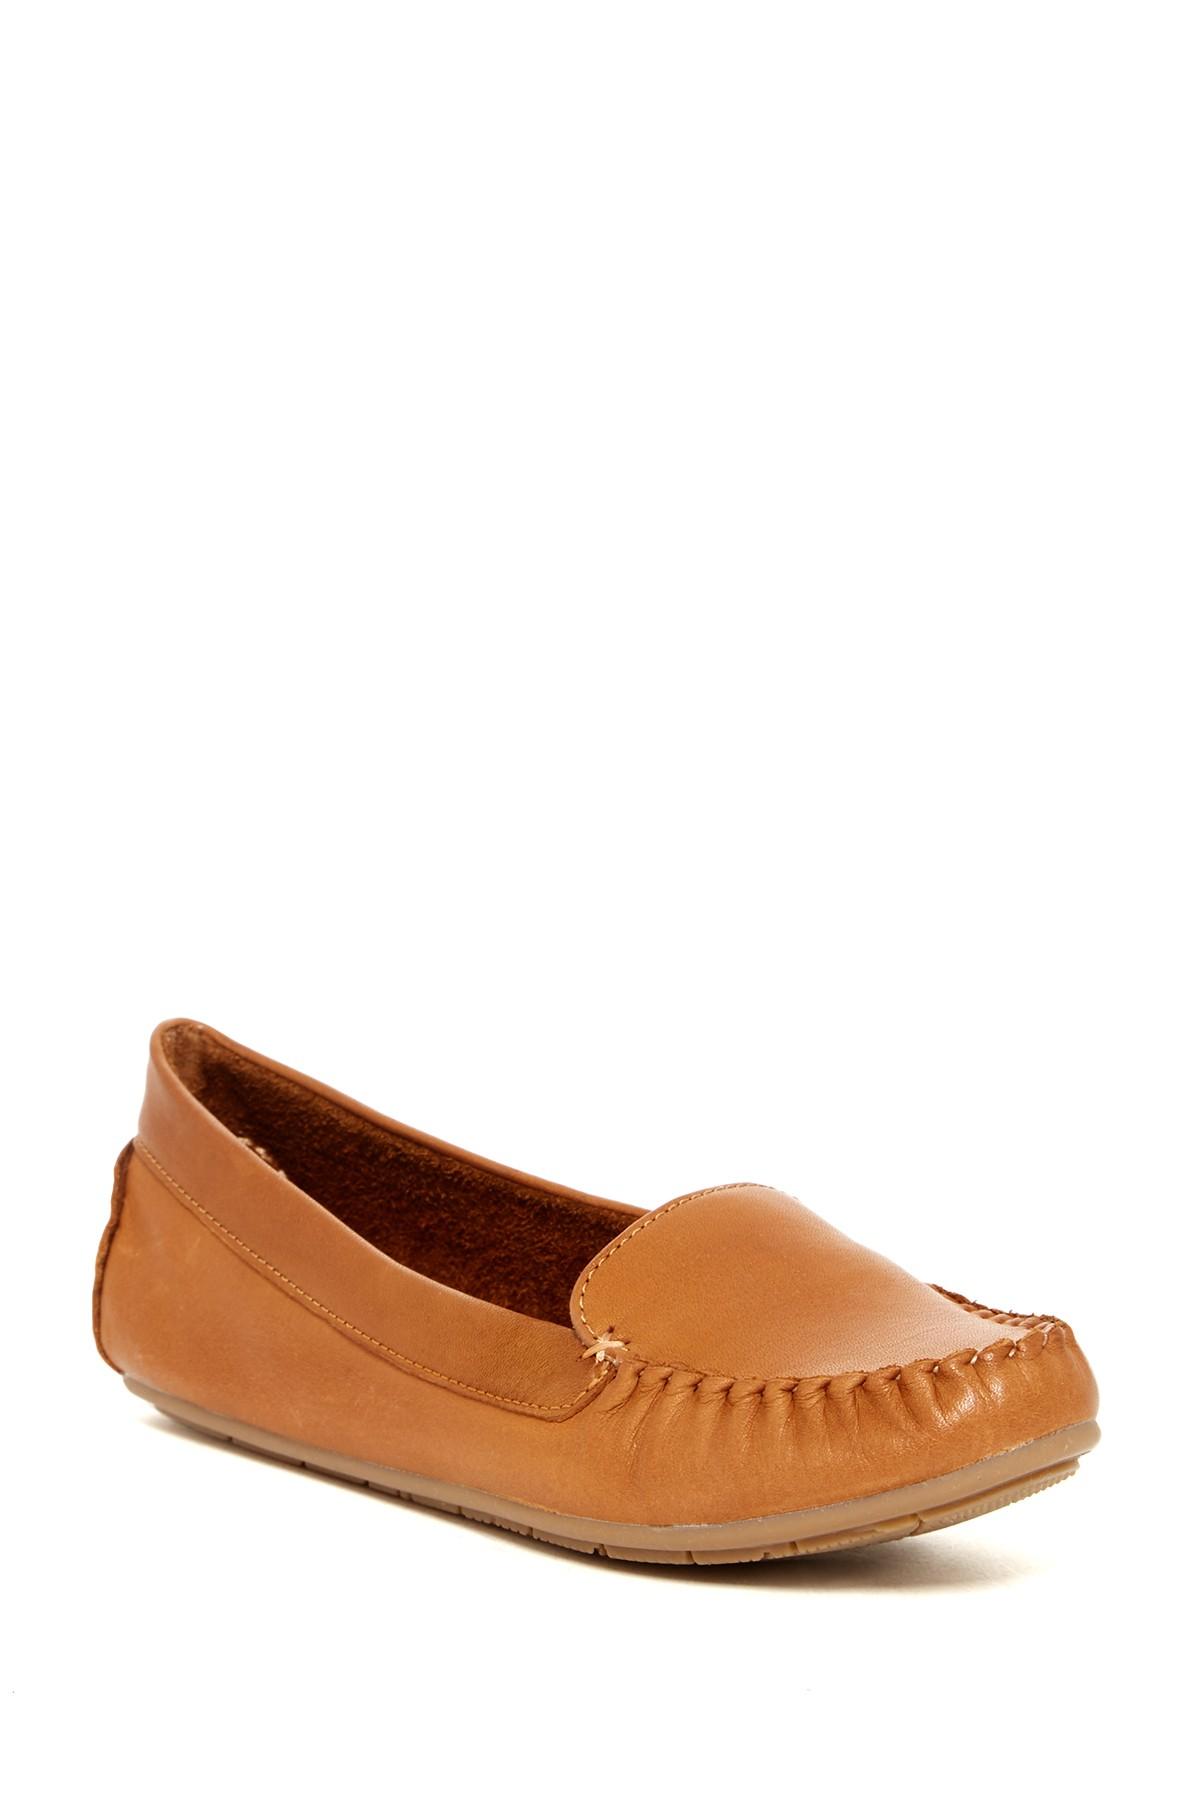 Nordstrom Mens Shoe Dale